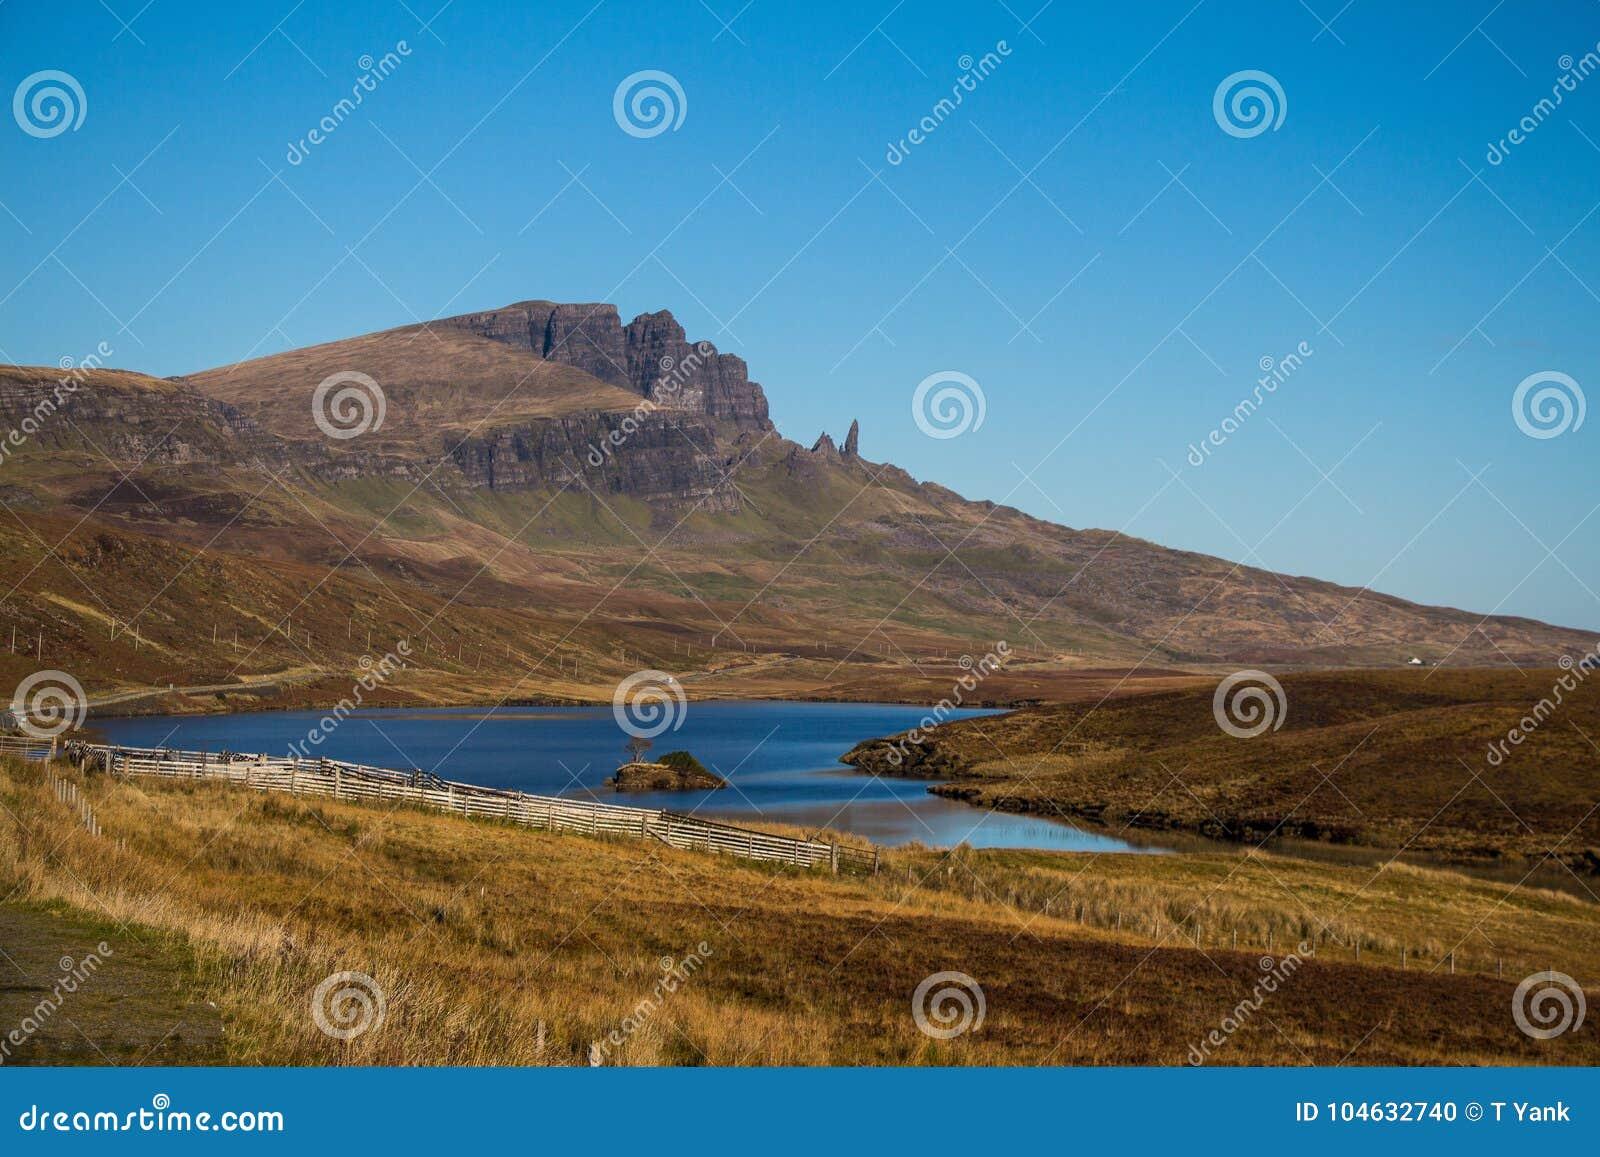 Download Van De De Hooglandenweg Van Schotland Van De De Reisherfst Van De Bergenkleuren De Bergen Van Ecosse Du Nord Stock Foto - Afbeelding bestaande uit hoogland, meer: 104632740